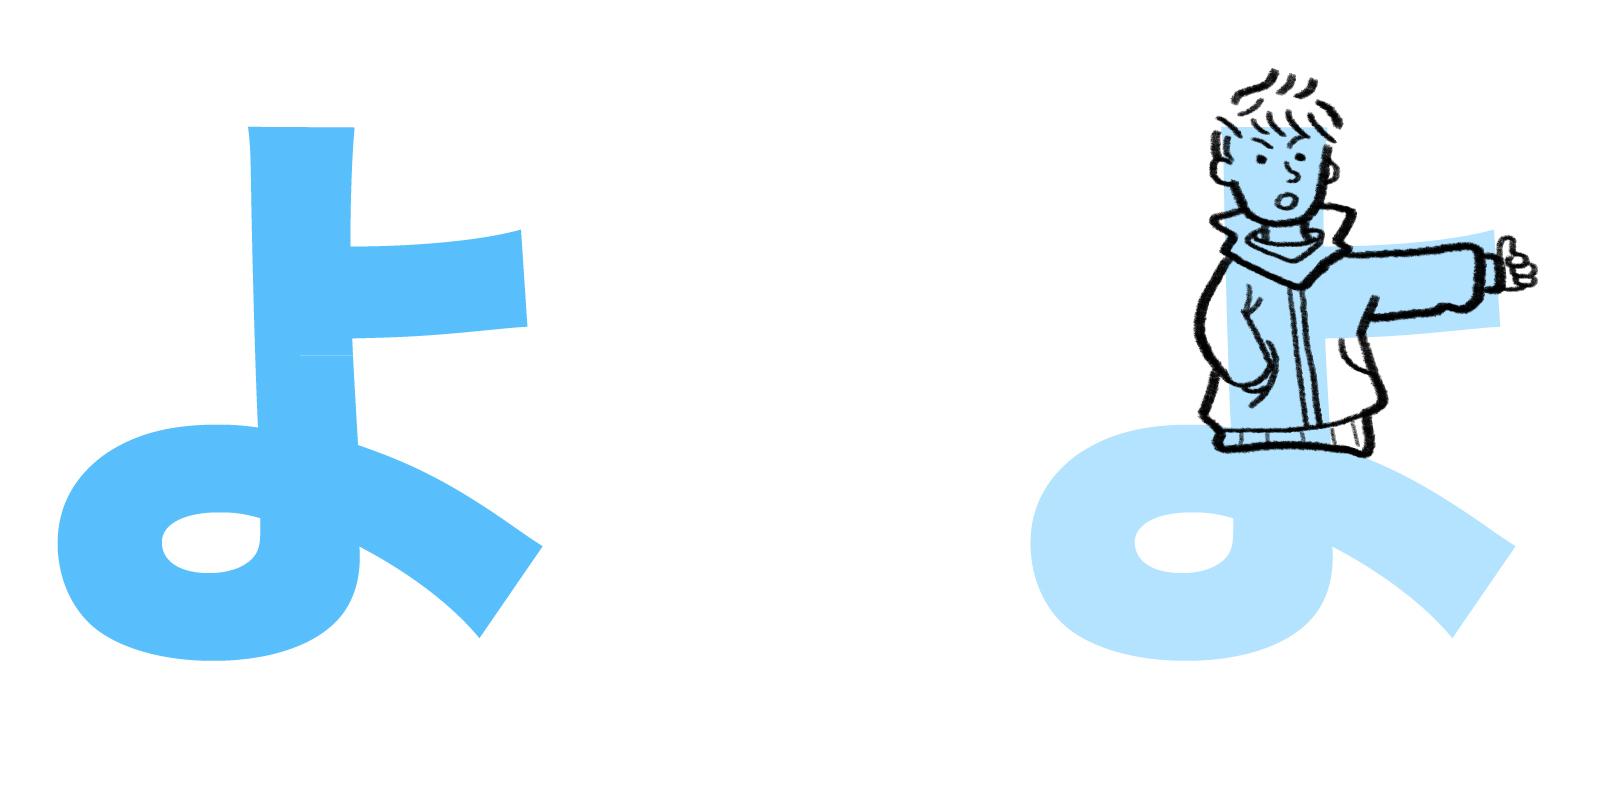 よ hiragana mnemonic